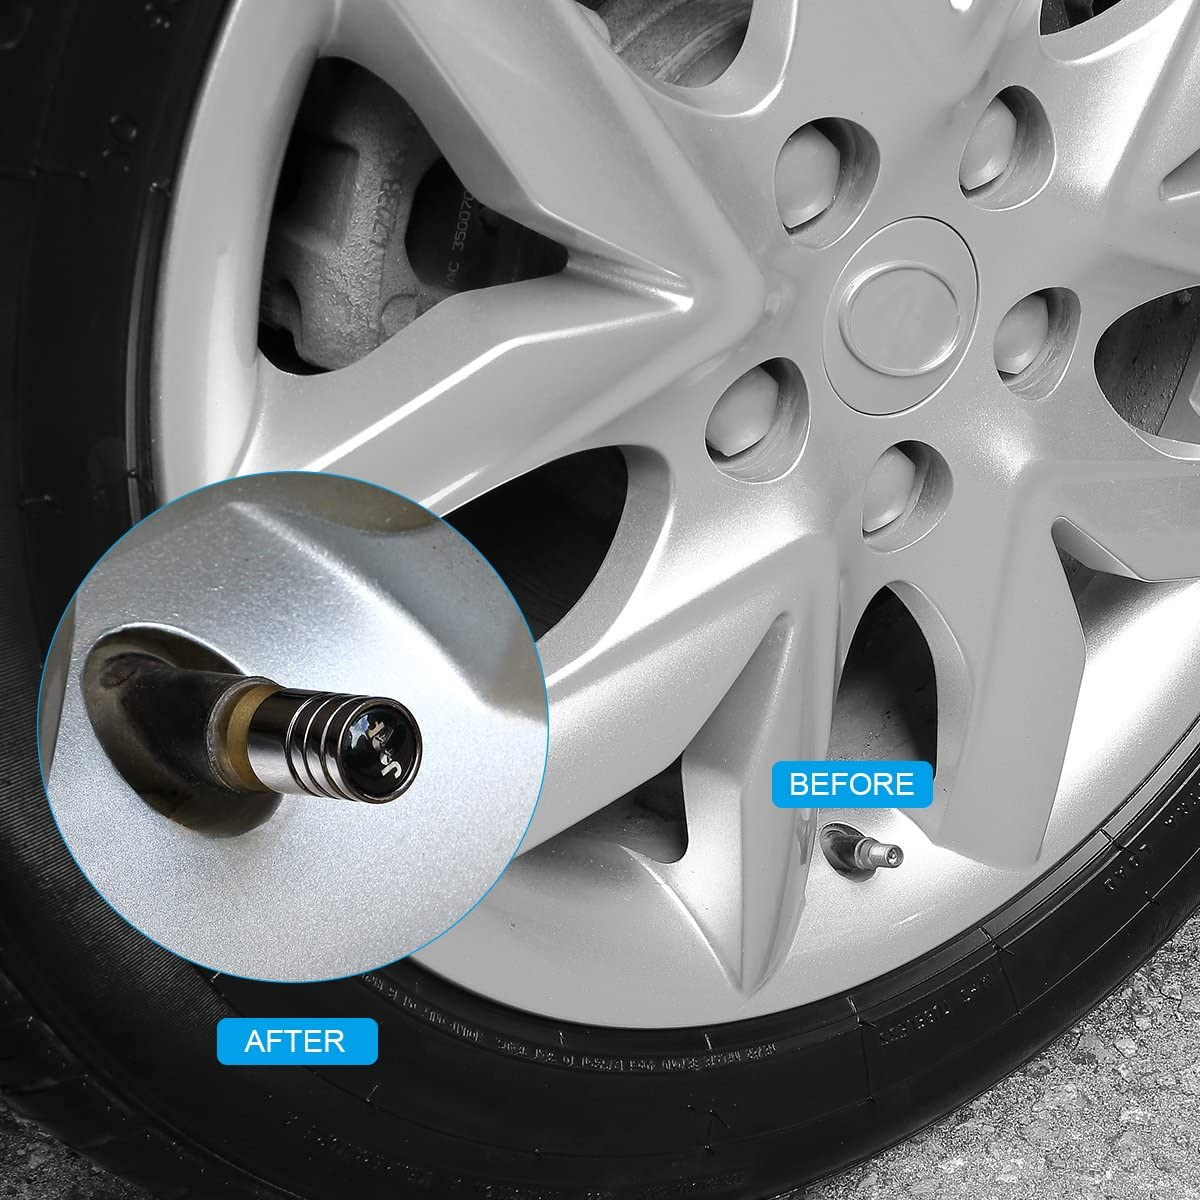 TK-KLZ 5Pcs Chrome Car Tire Valve Stem Caps for Porsche Panamera Cayenne Macan Cayman 911 718 Boxster Decorative Accessories